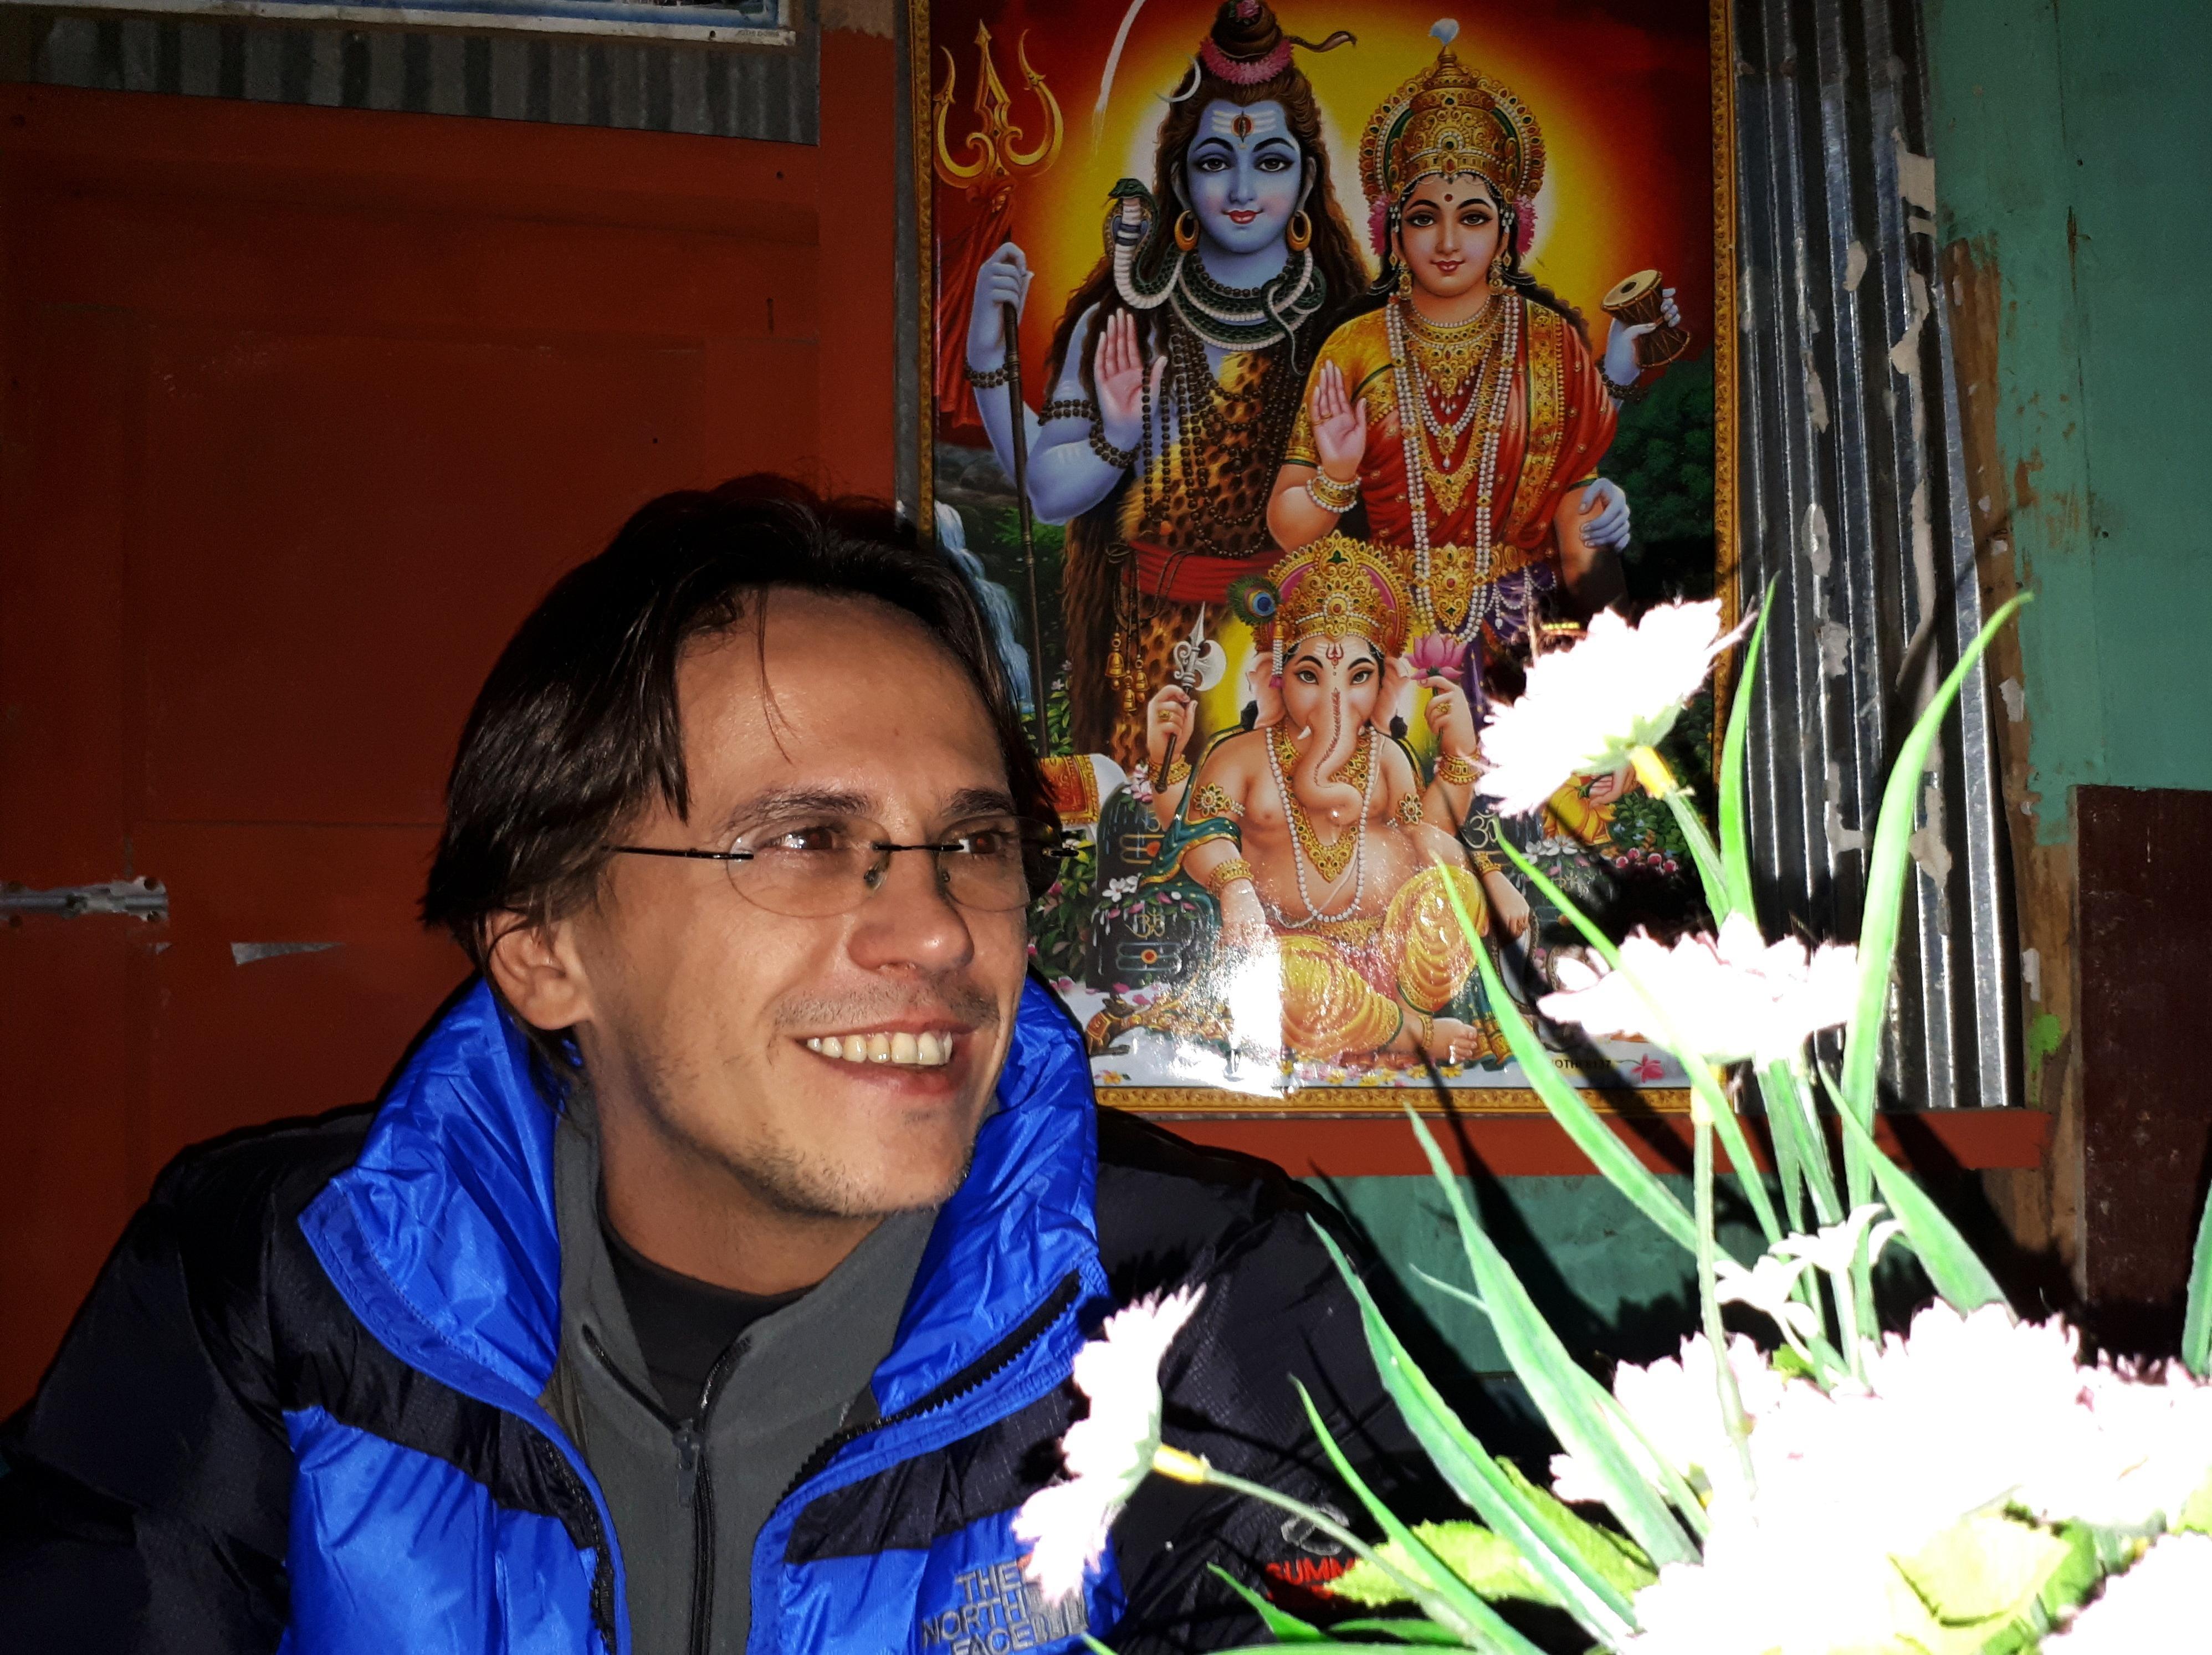 io con Vishnu, Shiva e Ganesha ;)